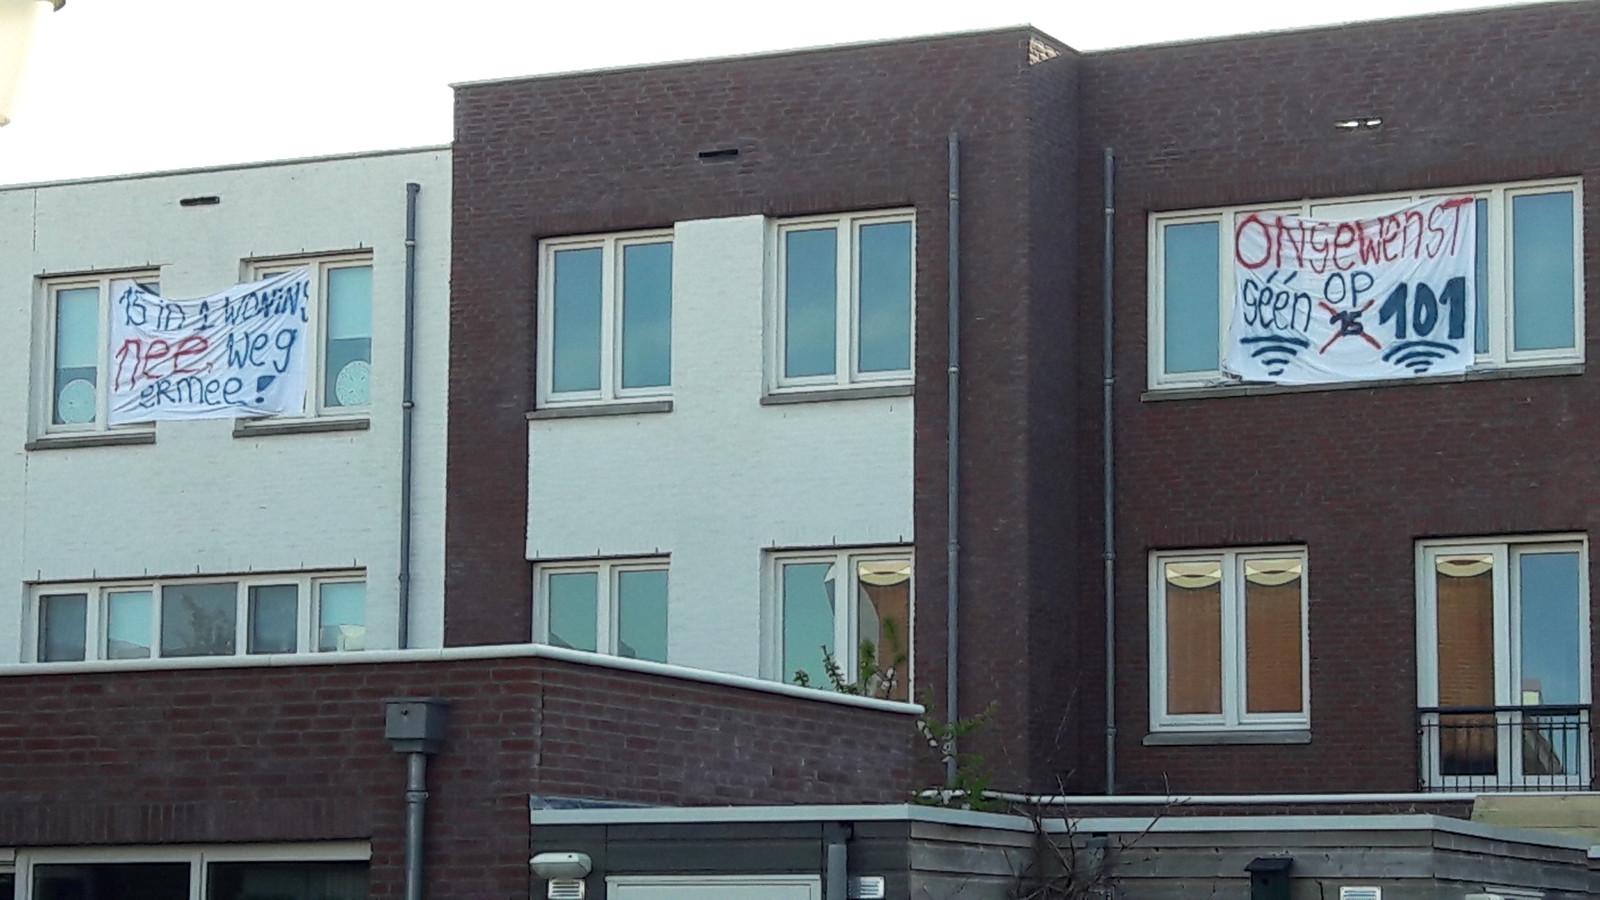 Bewoners van Het Fort in Landgoed Driessen stapten naar de rechter nadat Waalwijk vergunning verleende voor het huisvesten van 15 arbeidsmigranten in een woning in hun straat.